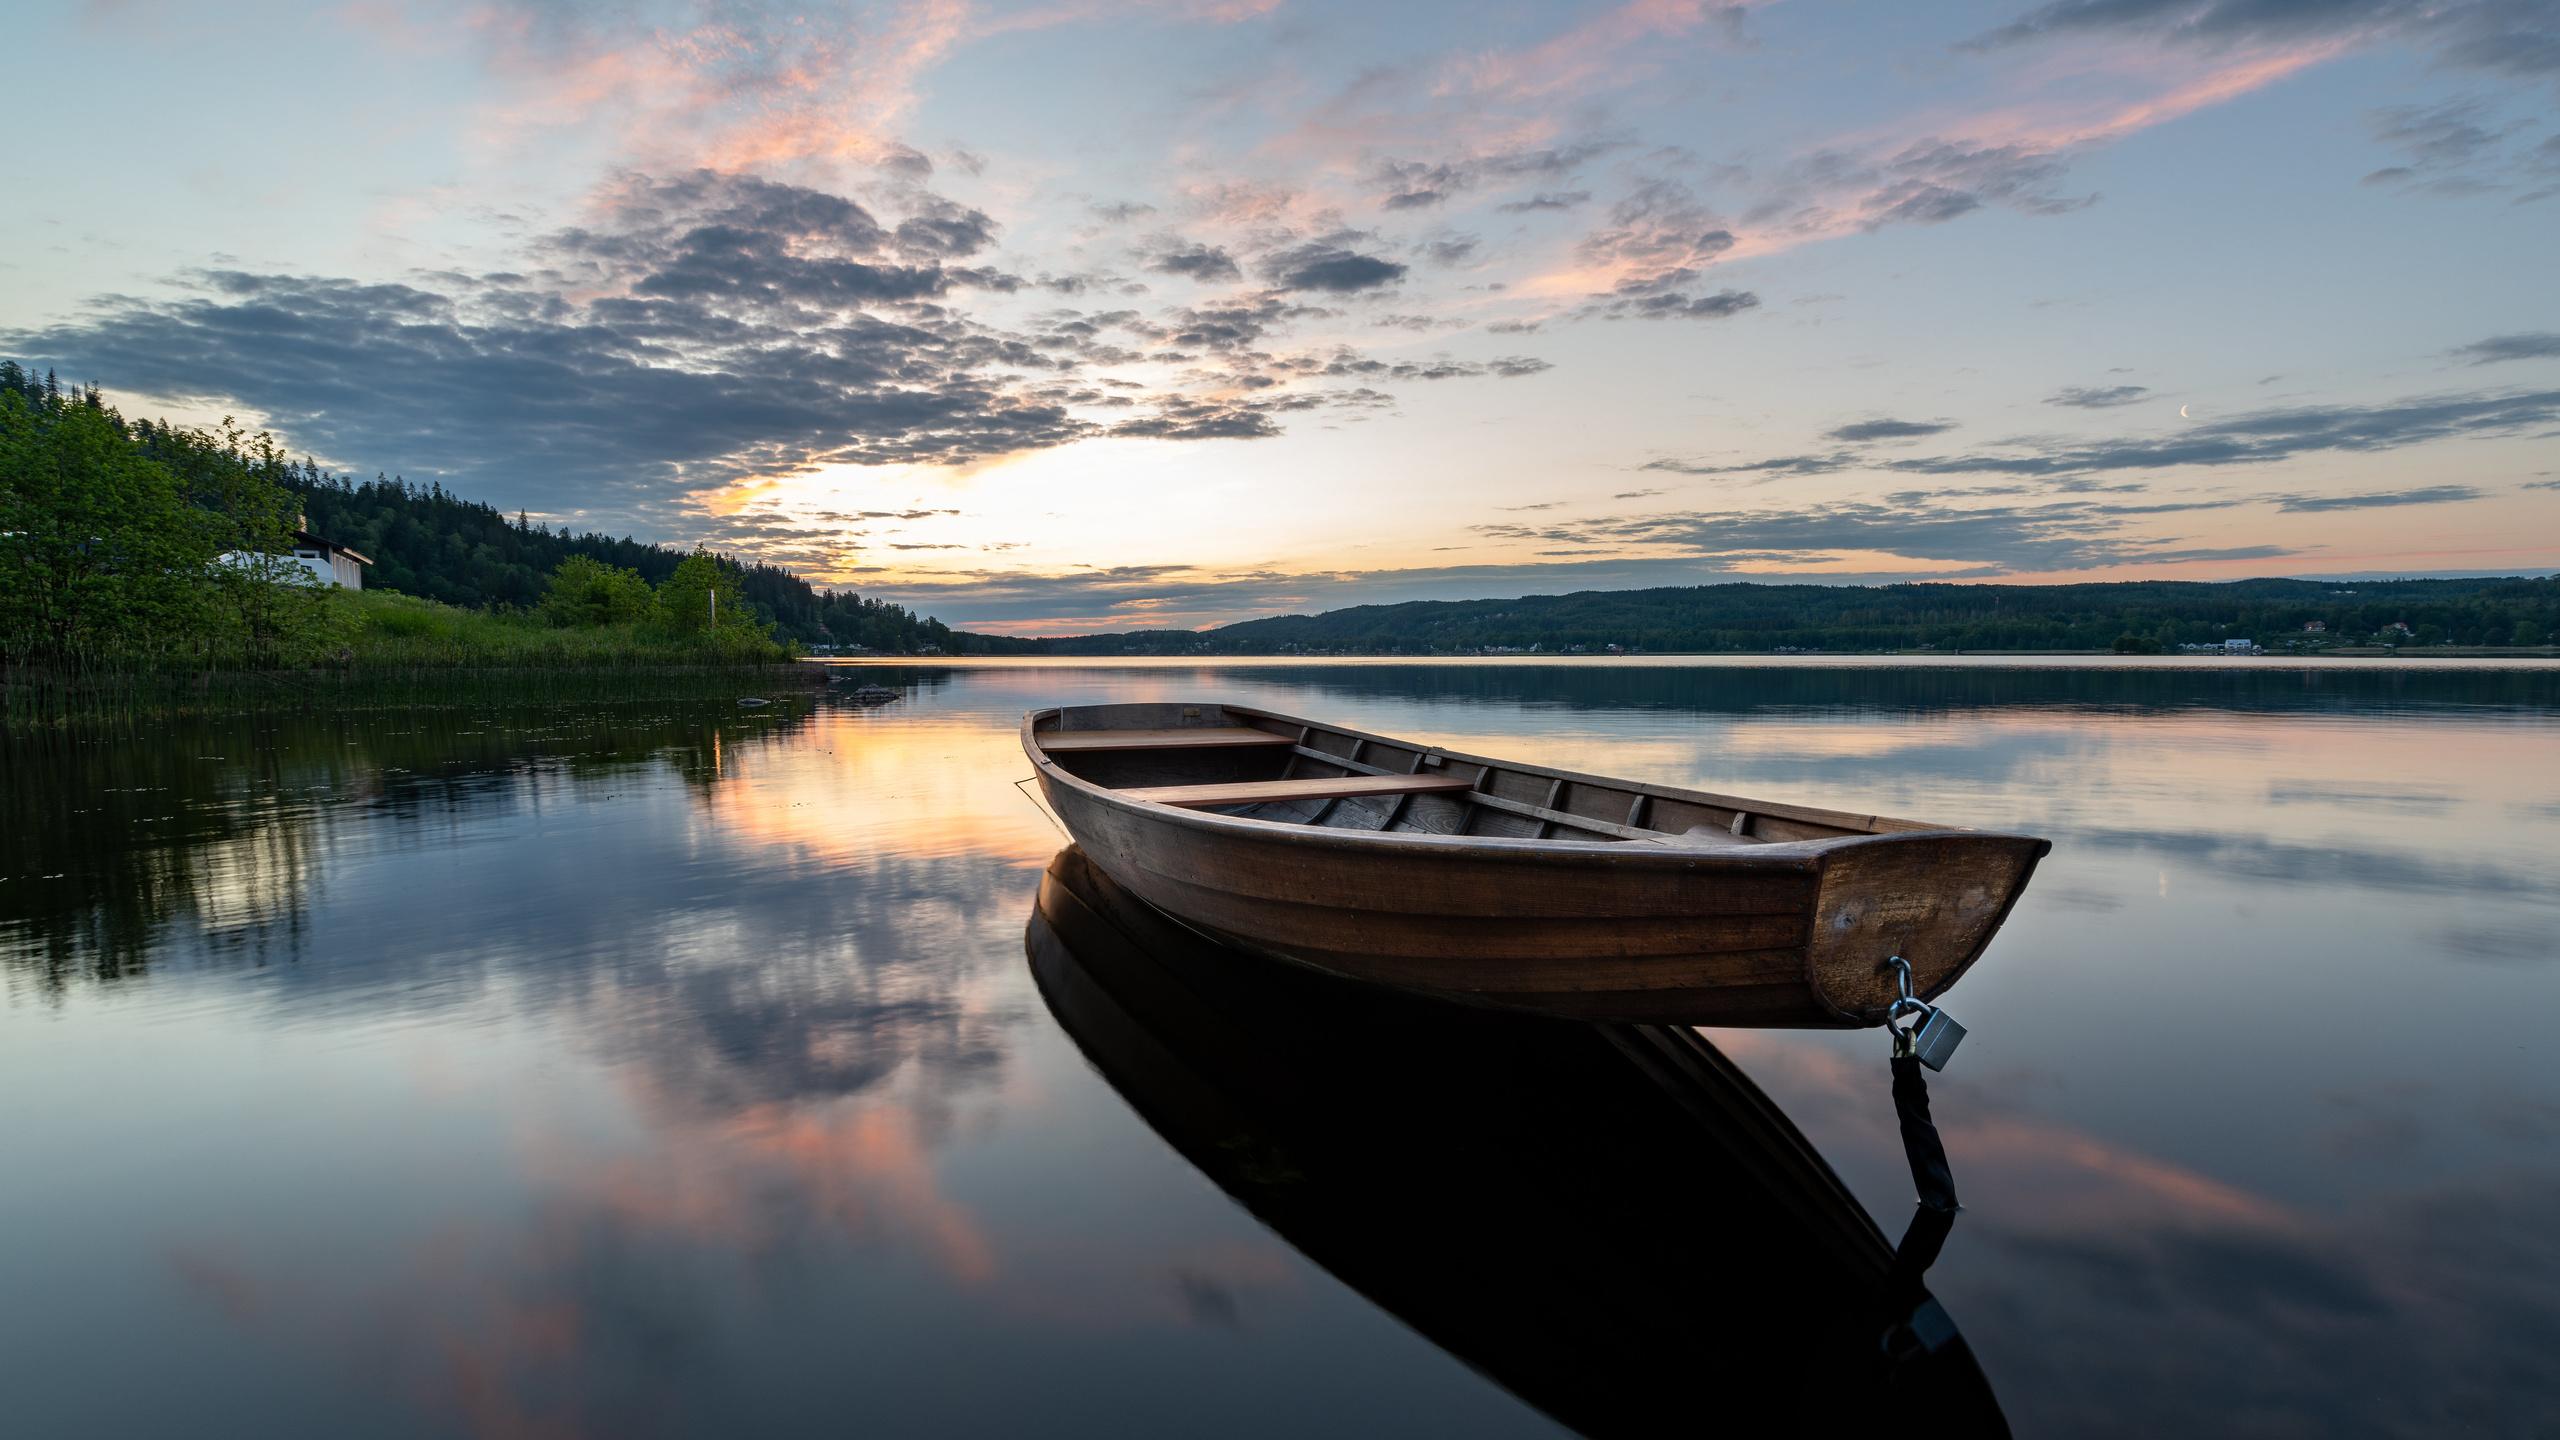 швеция, озеро, утро, лодка